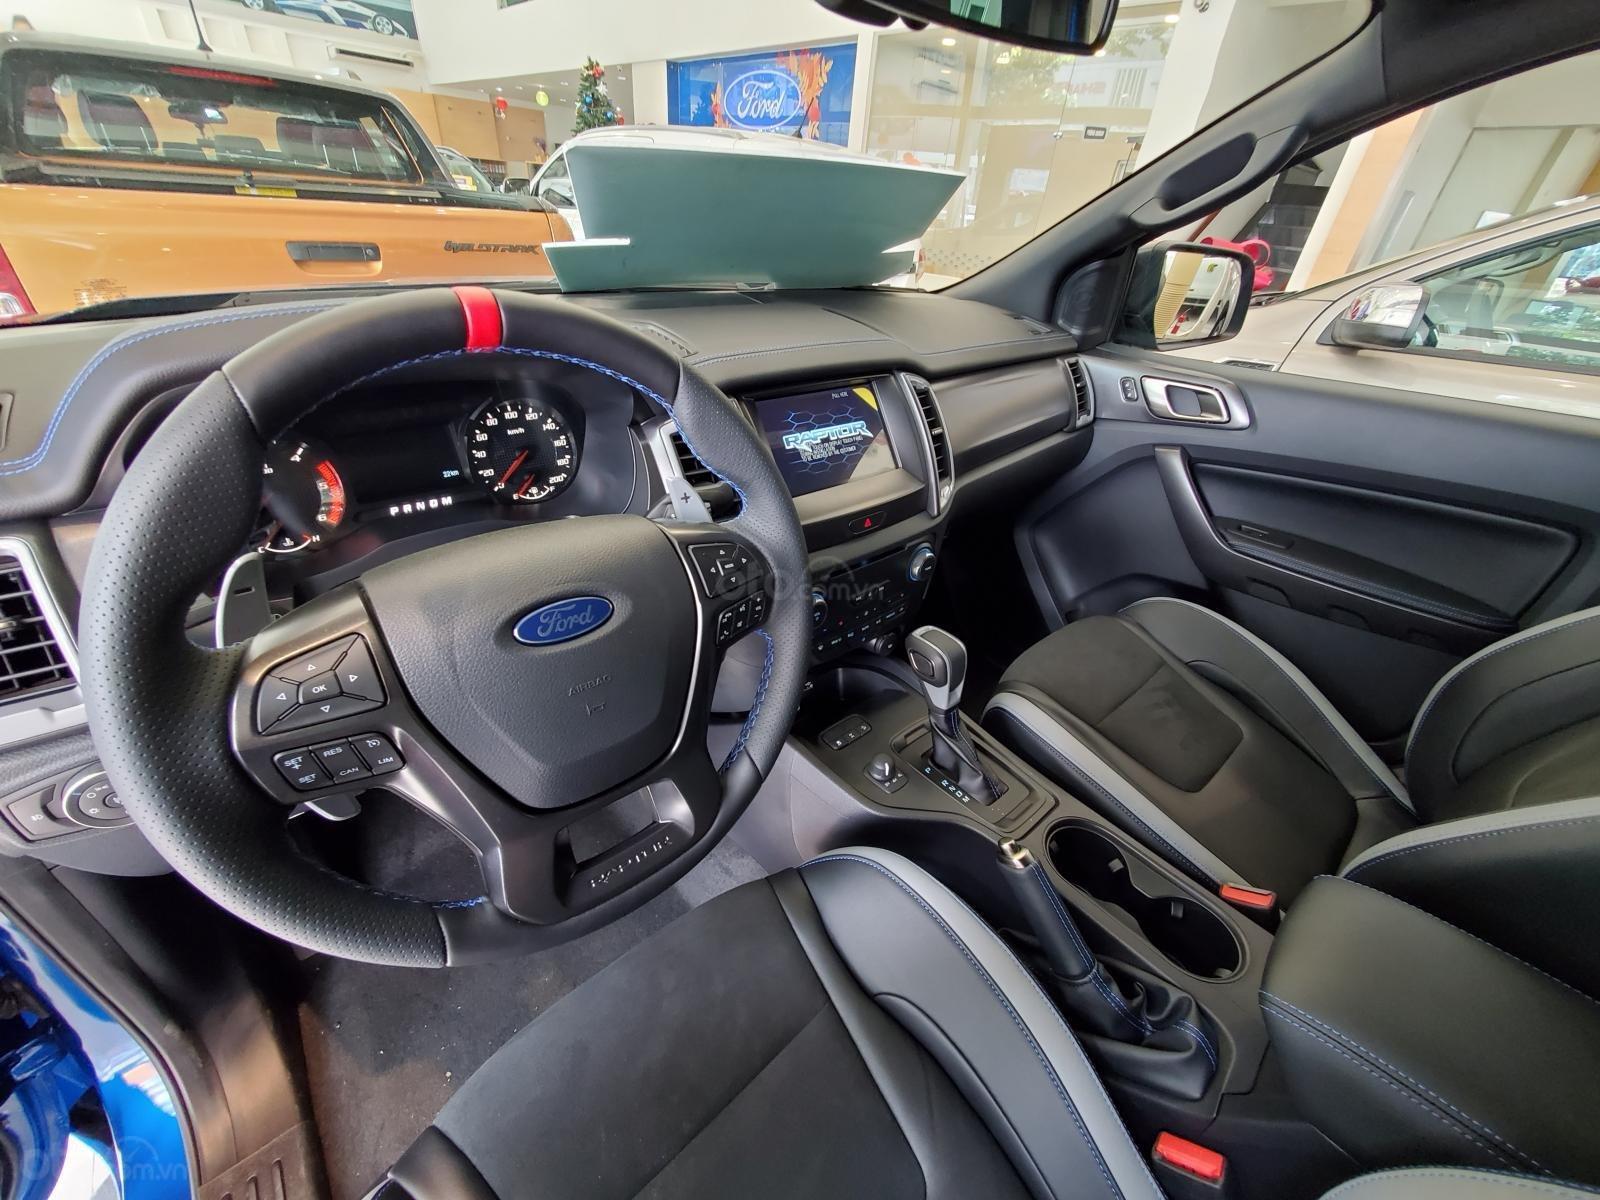 Bán Ranger Raptor 2019 cam kết xe sẵn giao ngay, giá siêu giảm, giao xe toàn quốc (4)